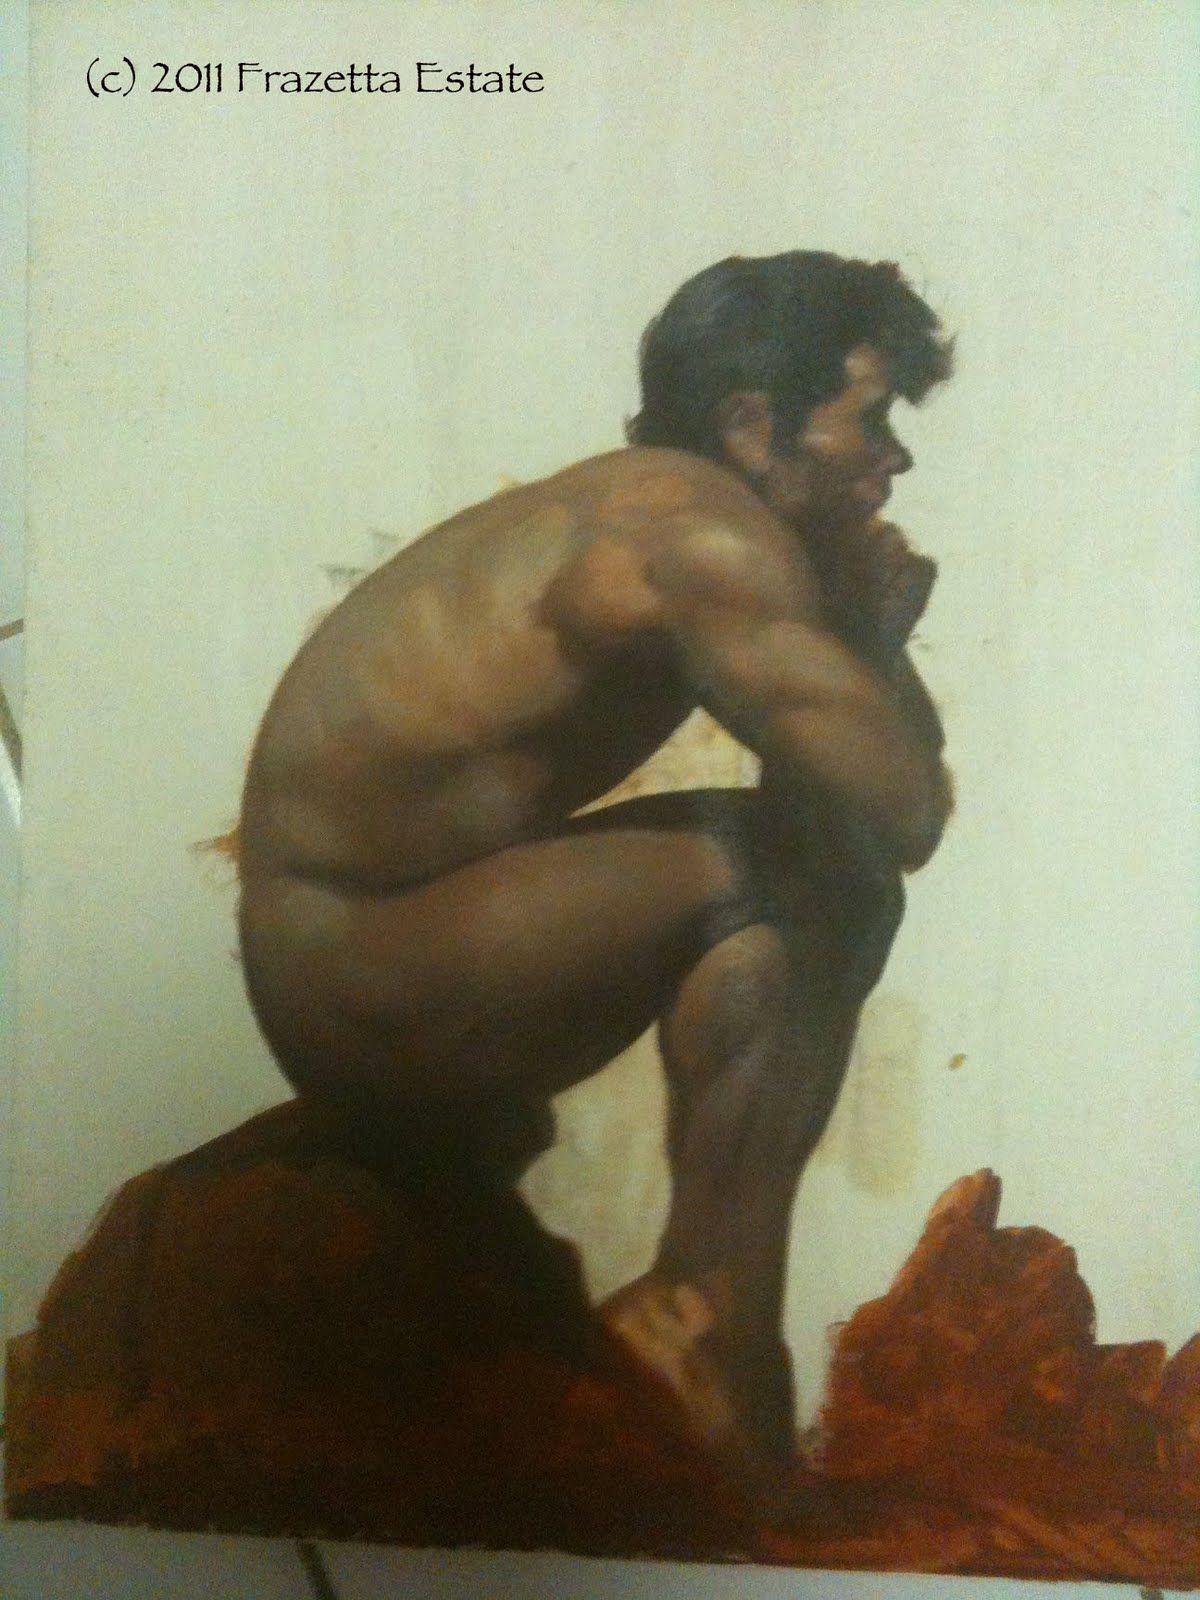 Pin by Frank-Joseph on Men: art of Frank Frazetta | Pinterest ...